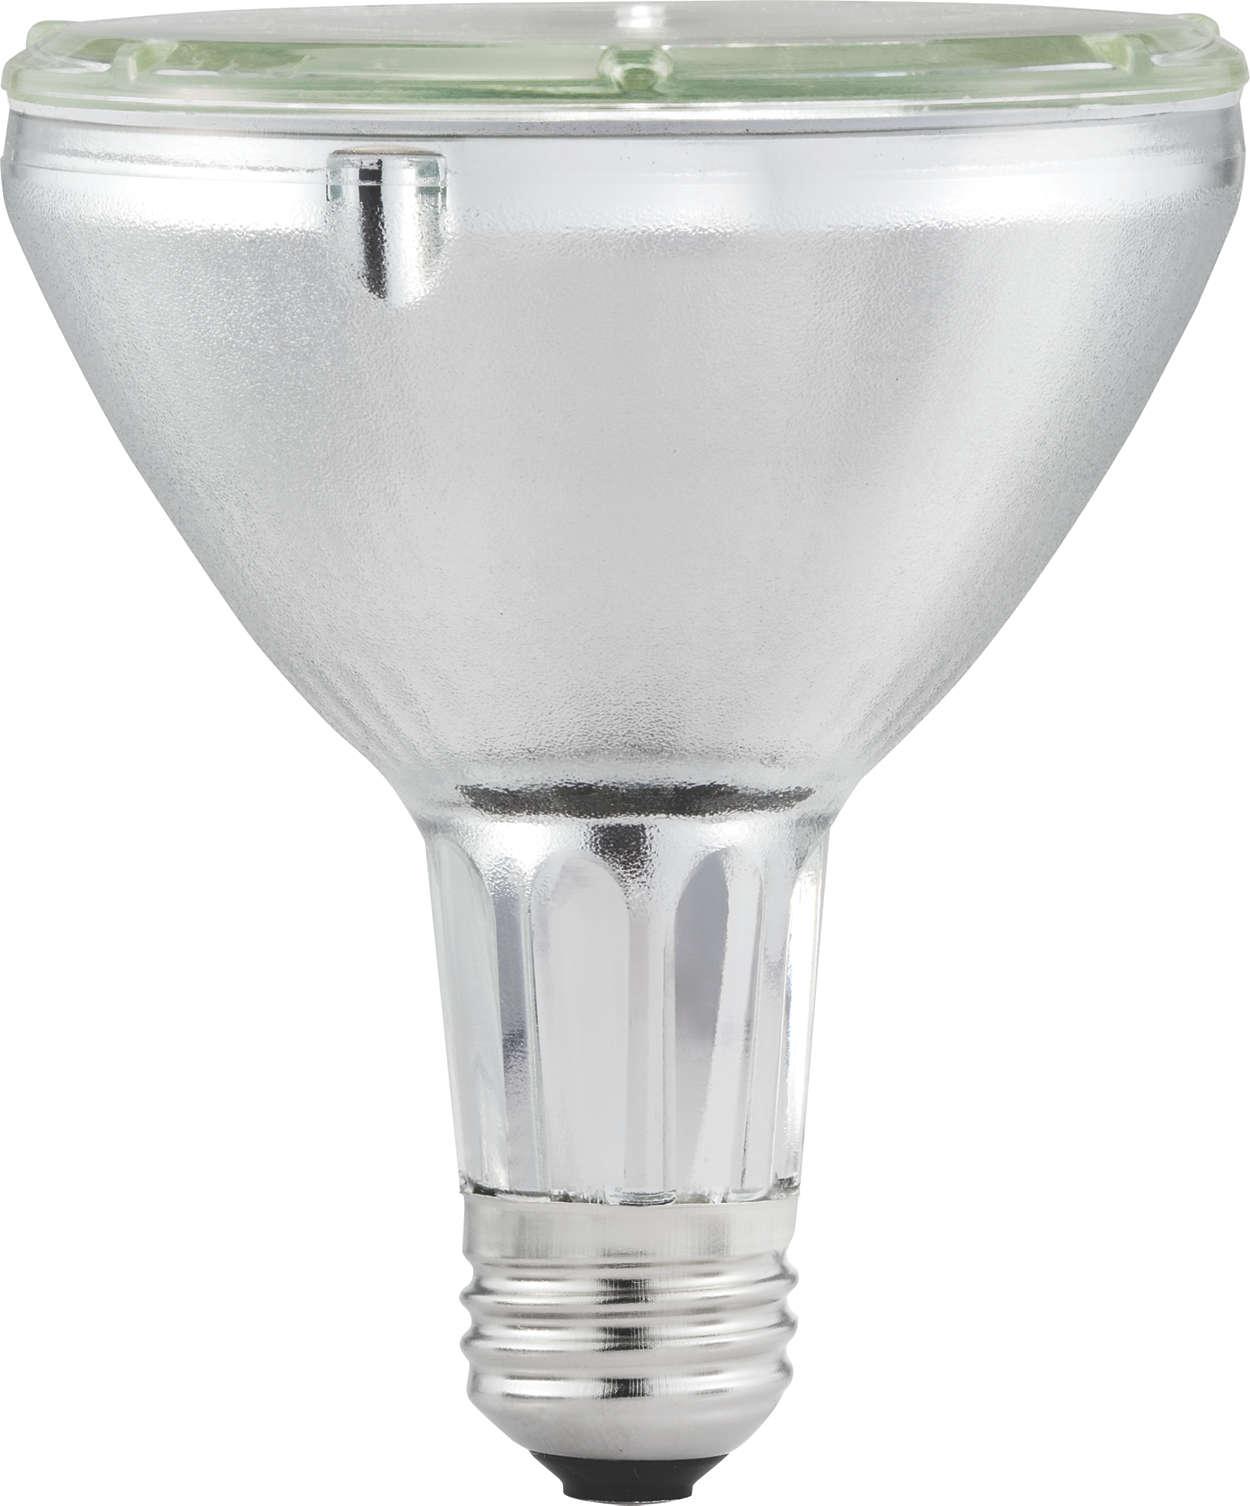 Haute efficacité avec une lumière vive scintillante.